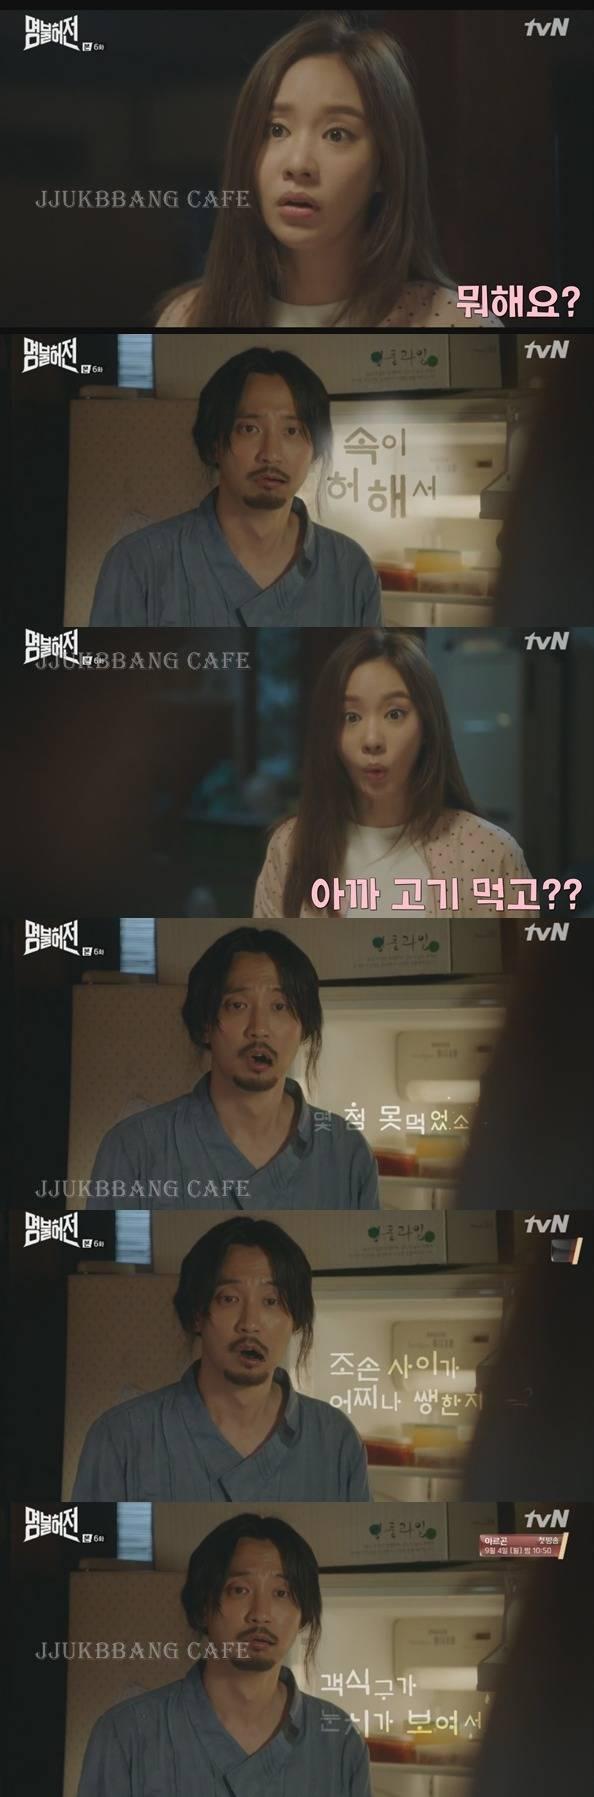 요즘 김아중이 키우고 있는 조선인.gif | 인스티즈